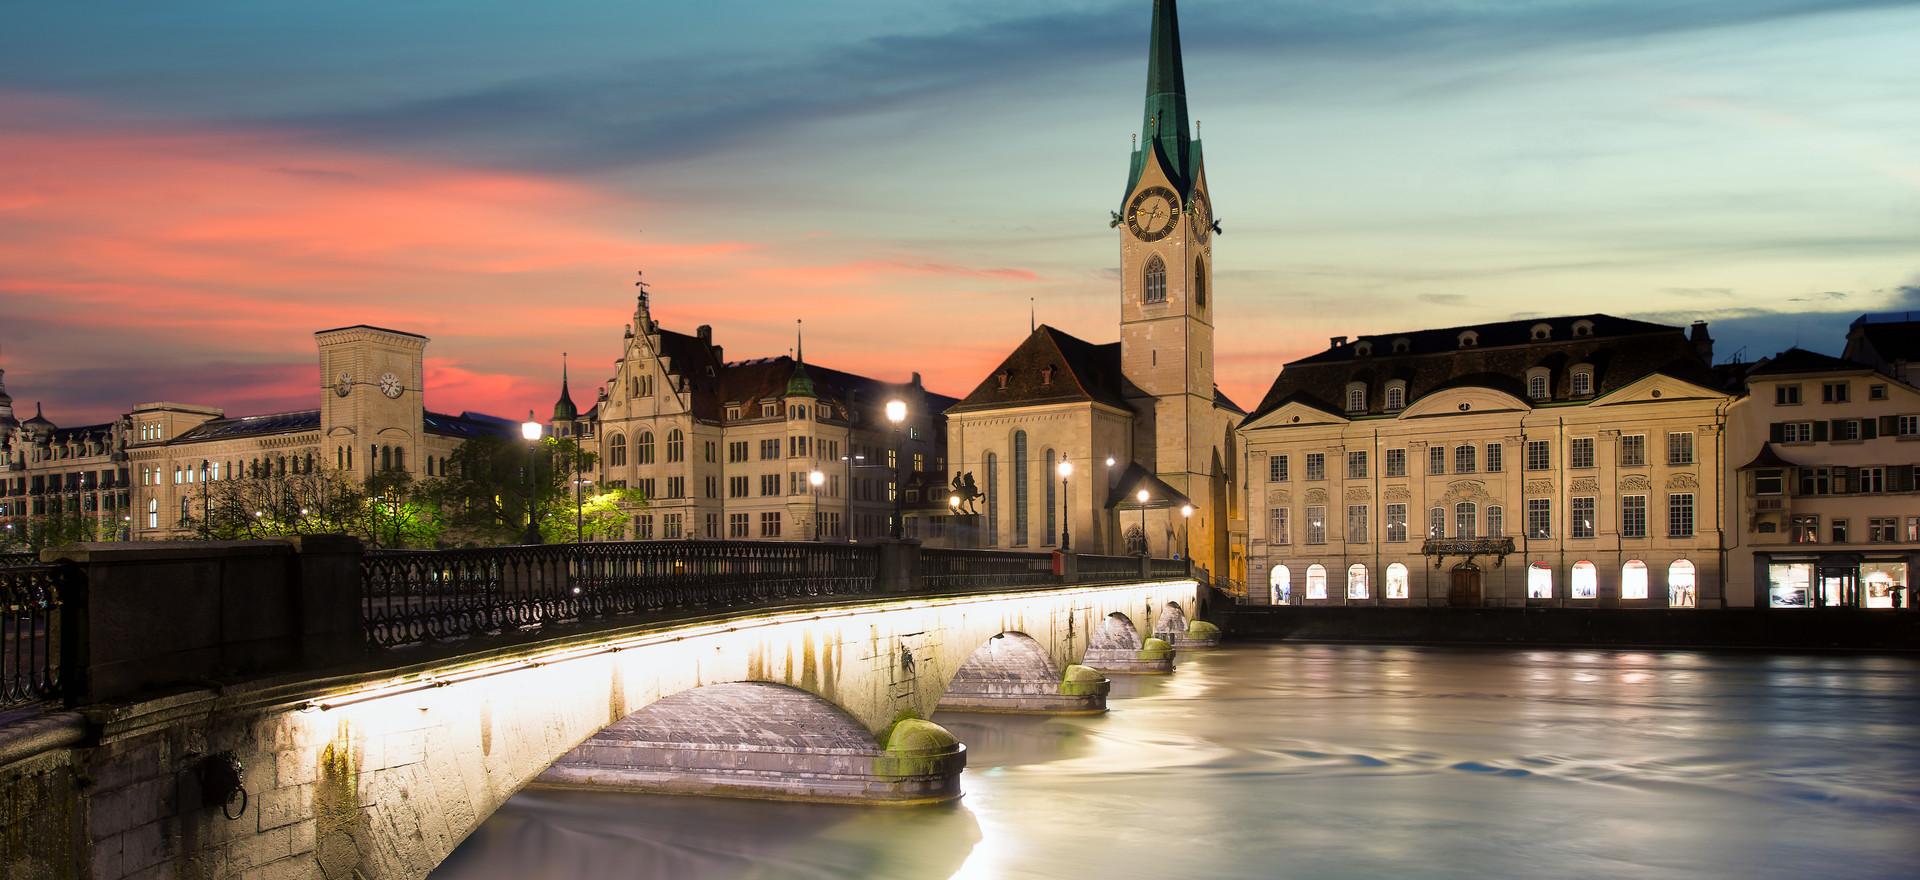 Photoshoots in Zurich